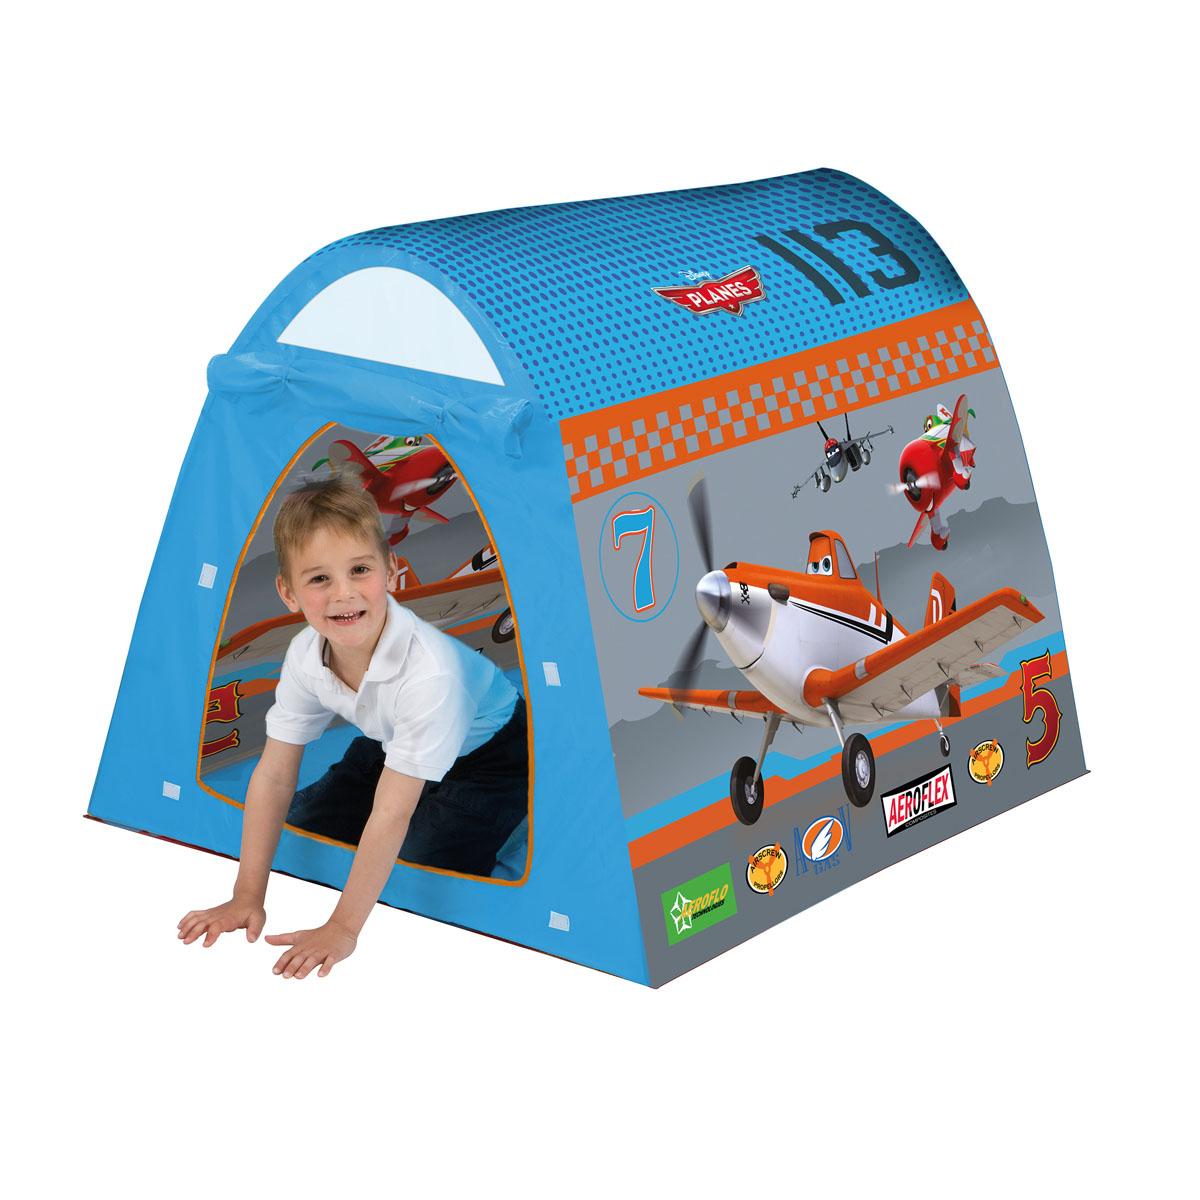 Палатка Самолеты, 120 см х 100 см х 90 см75507WDДетская игровая палатка Самолеты идеально подойдет для детских игр, как на улице, так и в помещении. Она имеет один вход. Палатка изготовлена из легкого нейлона ярких цветов. Каркас палатки поддерживается при помощи пластиковых прутьев. Благодаря своей легкости и компактным размерам в сложенном виде палатку легко перевозить и хранить. Ваш ребенок с удовольствием будет играть в такой палатке, придумывая различные истории. Учеными давно подмечен факт, что ребенок чувствует себя психологически более защищенным, находясь под крышей, соответствующей его росту - именно поэтому дети очень любят лазить под стол, залезать в шкаф. В палатке Самолеты малыш будет чувствовать себя максимально уютно.